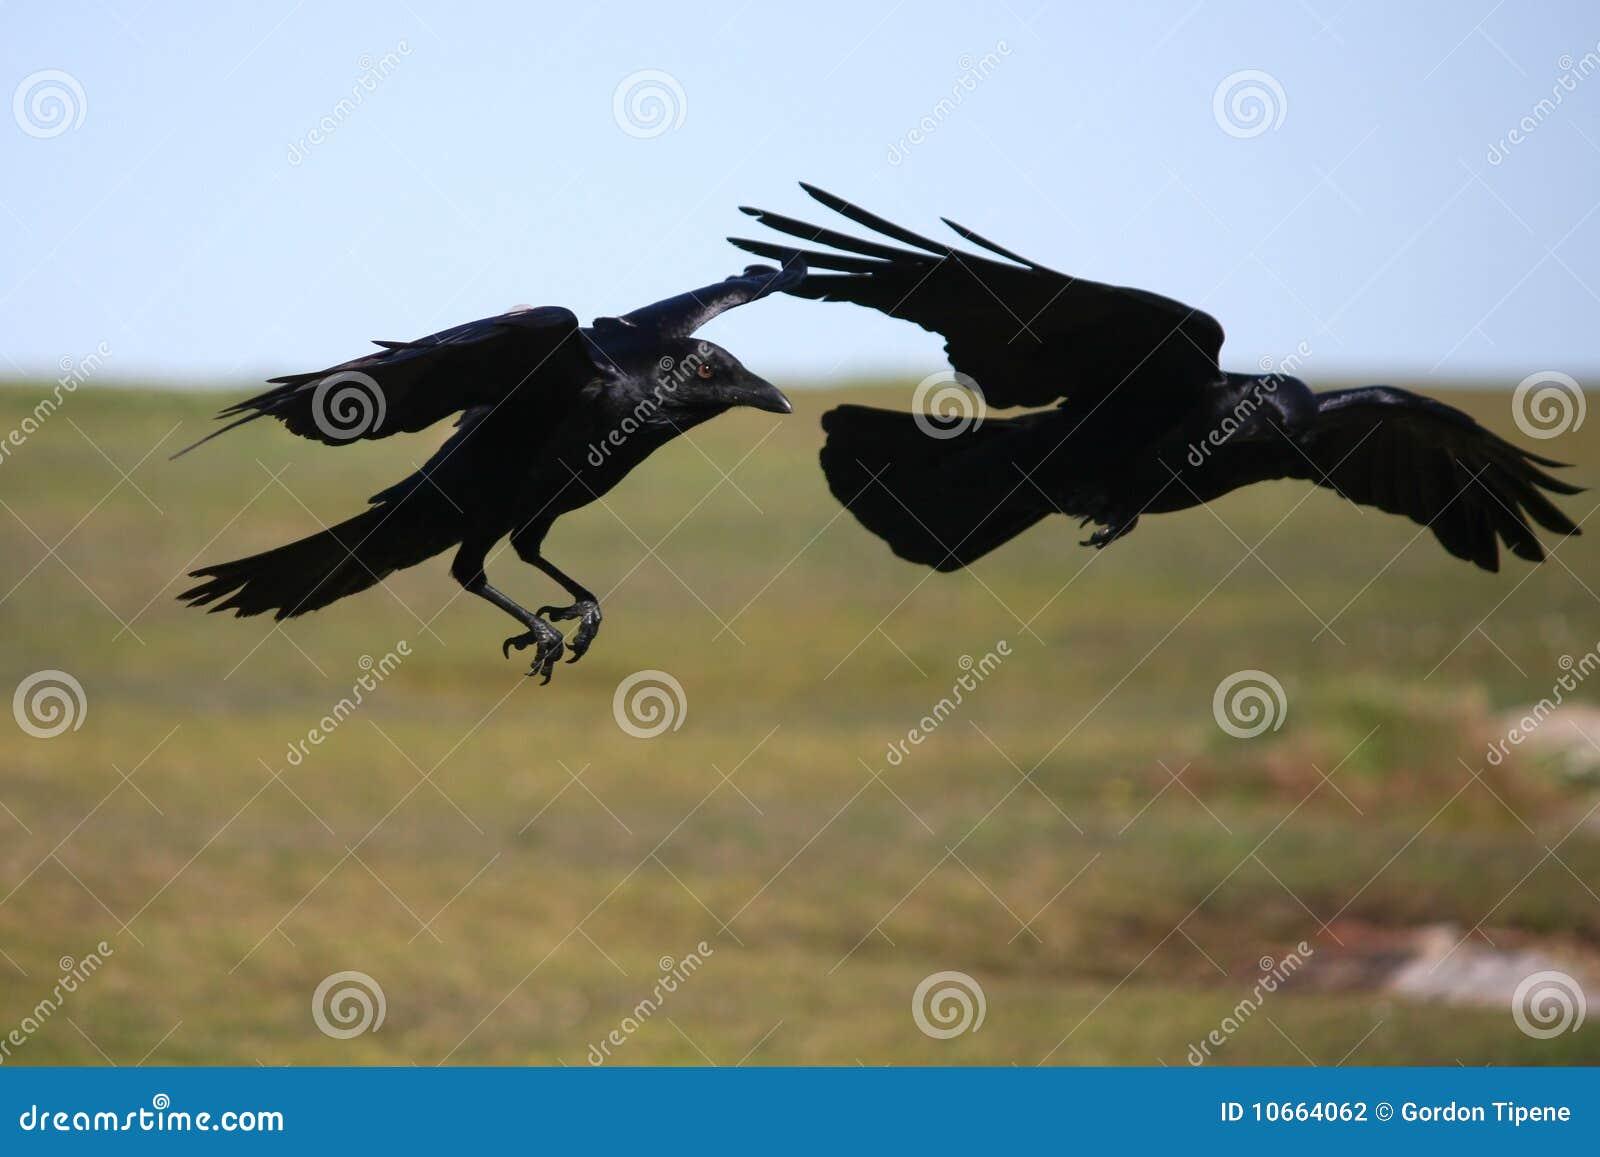 Twee zwarte kraaien tijdens de vlucht.